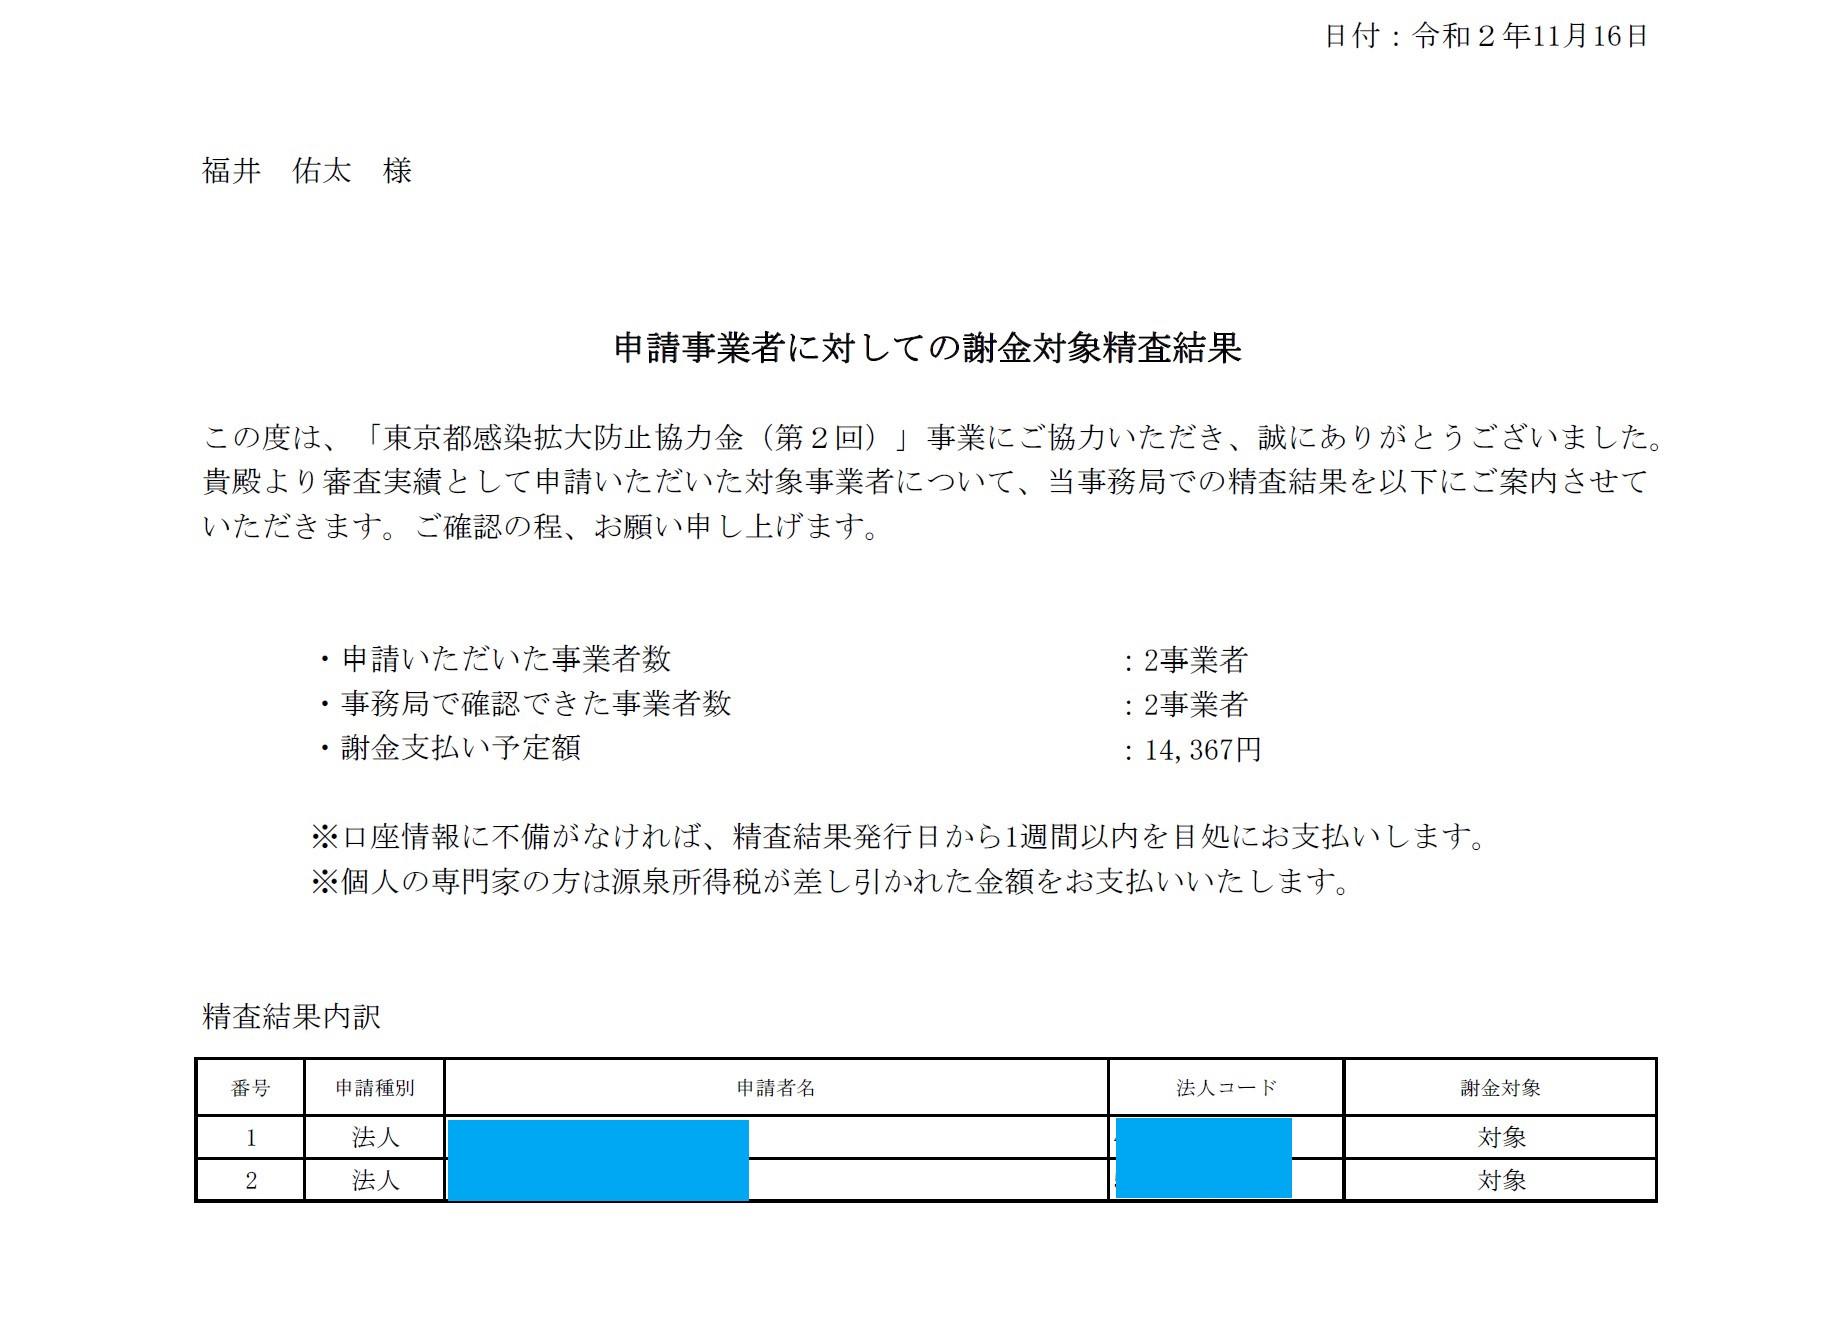 東京都感染拡大防止協力金謝金申請結果